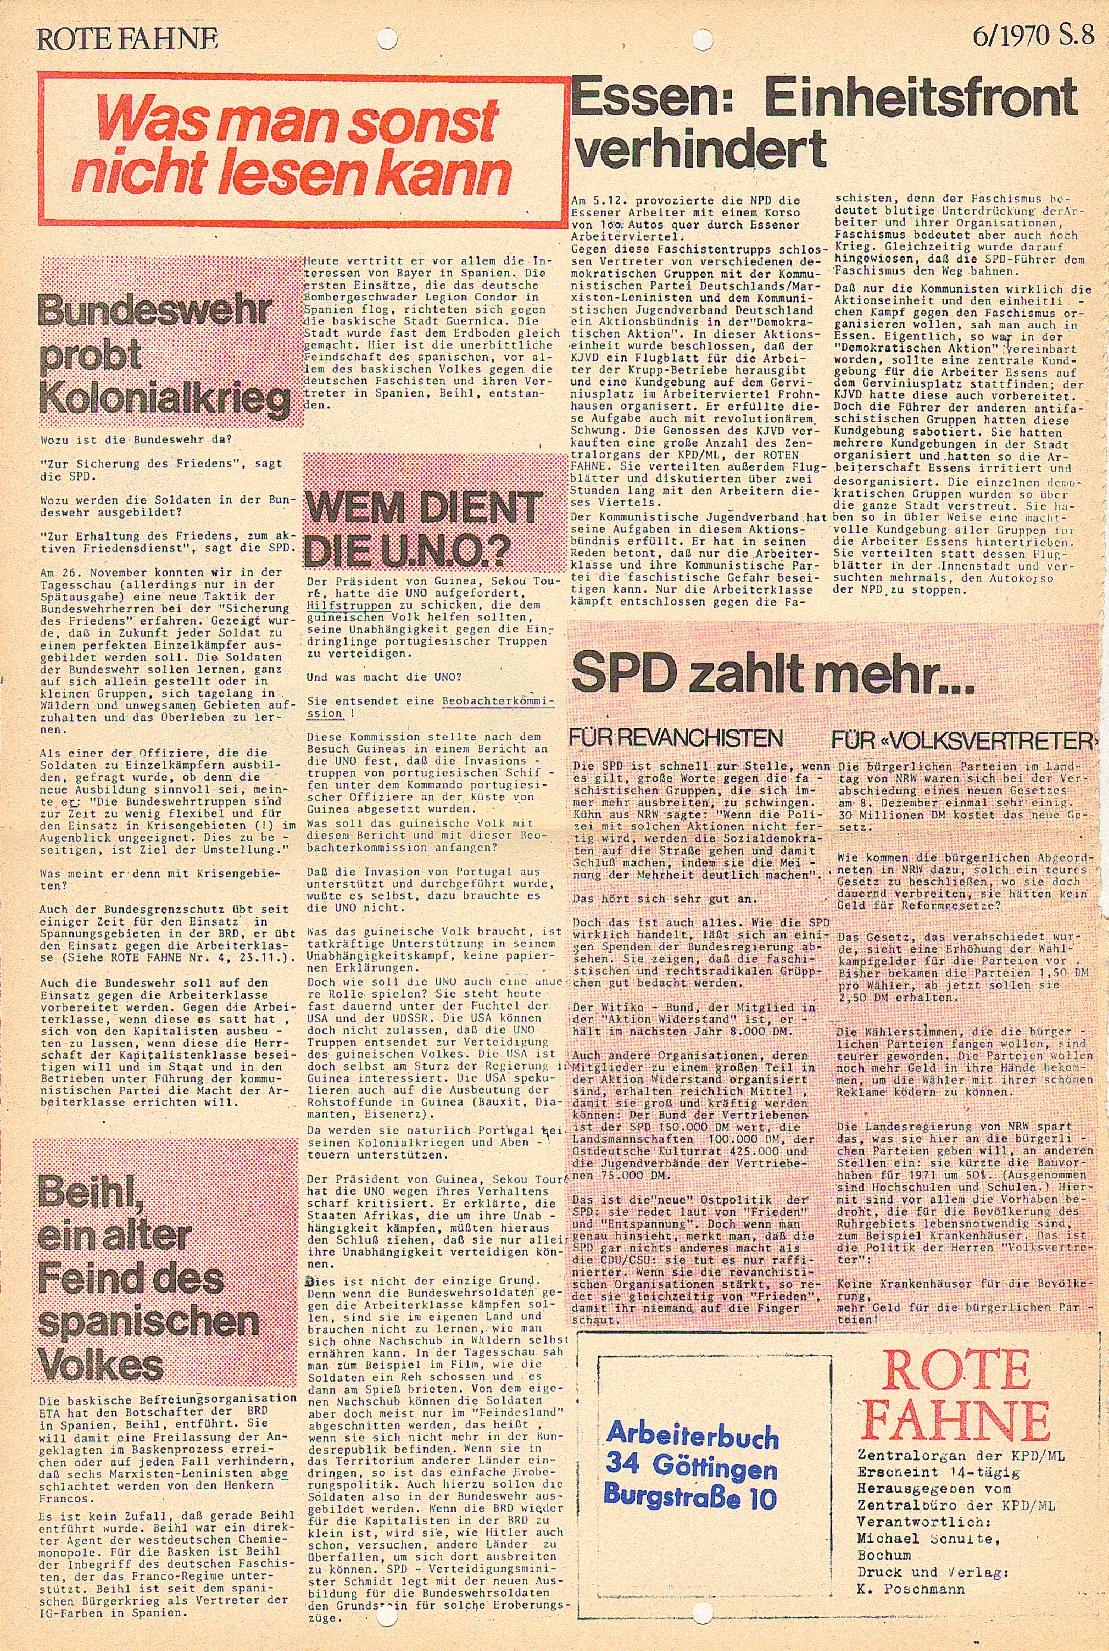 Rote Fahne, 1. Jg., 21.12.1970, Nr. 6, Seite 8